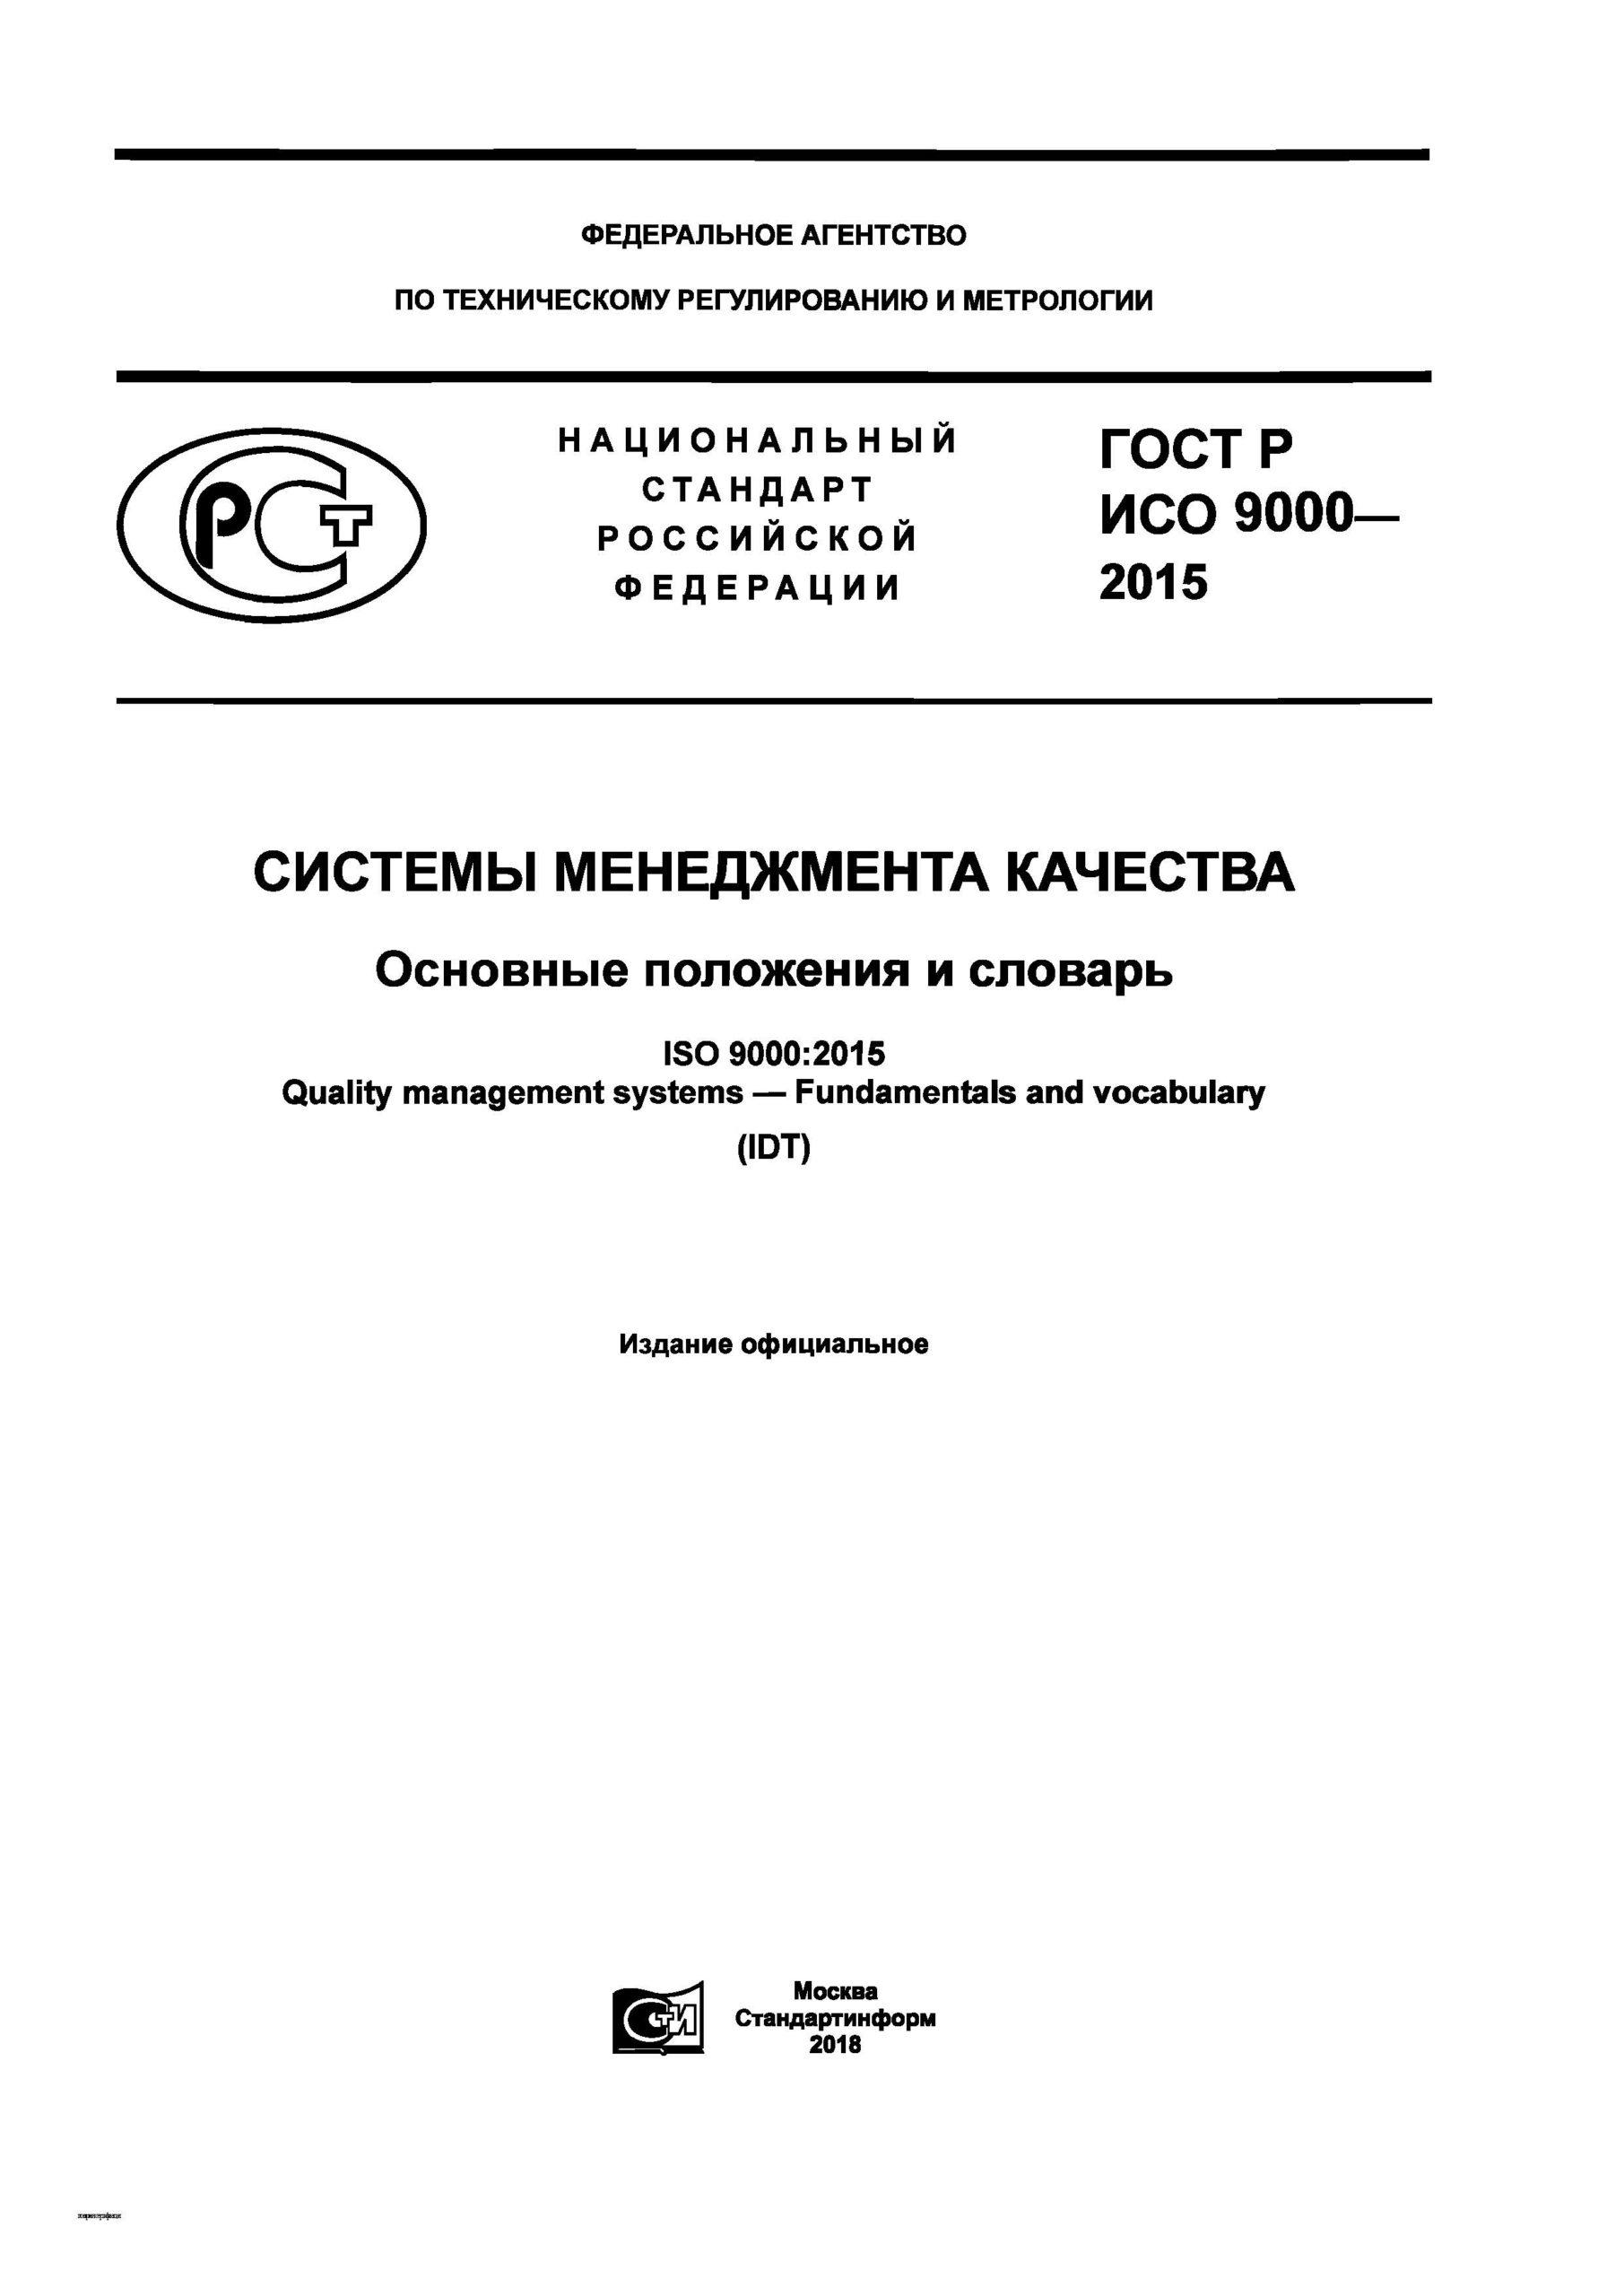 ГОСТ Р ИСО 9000-2015